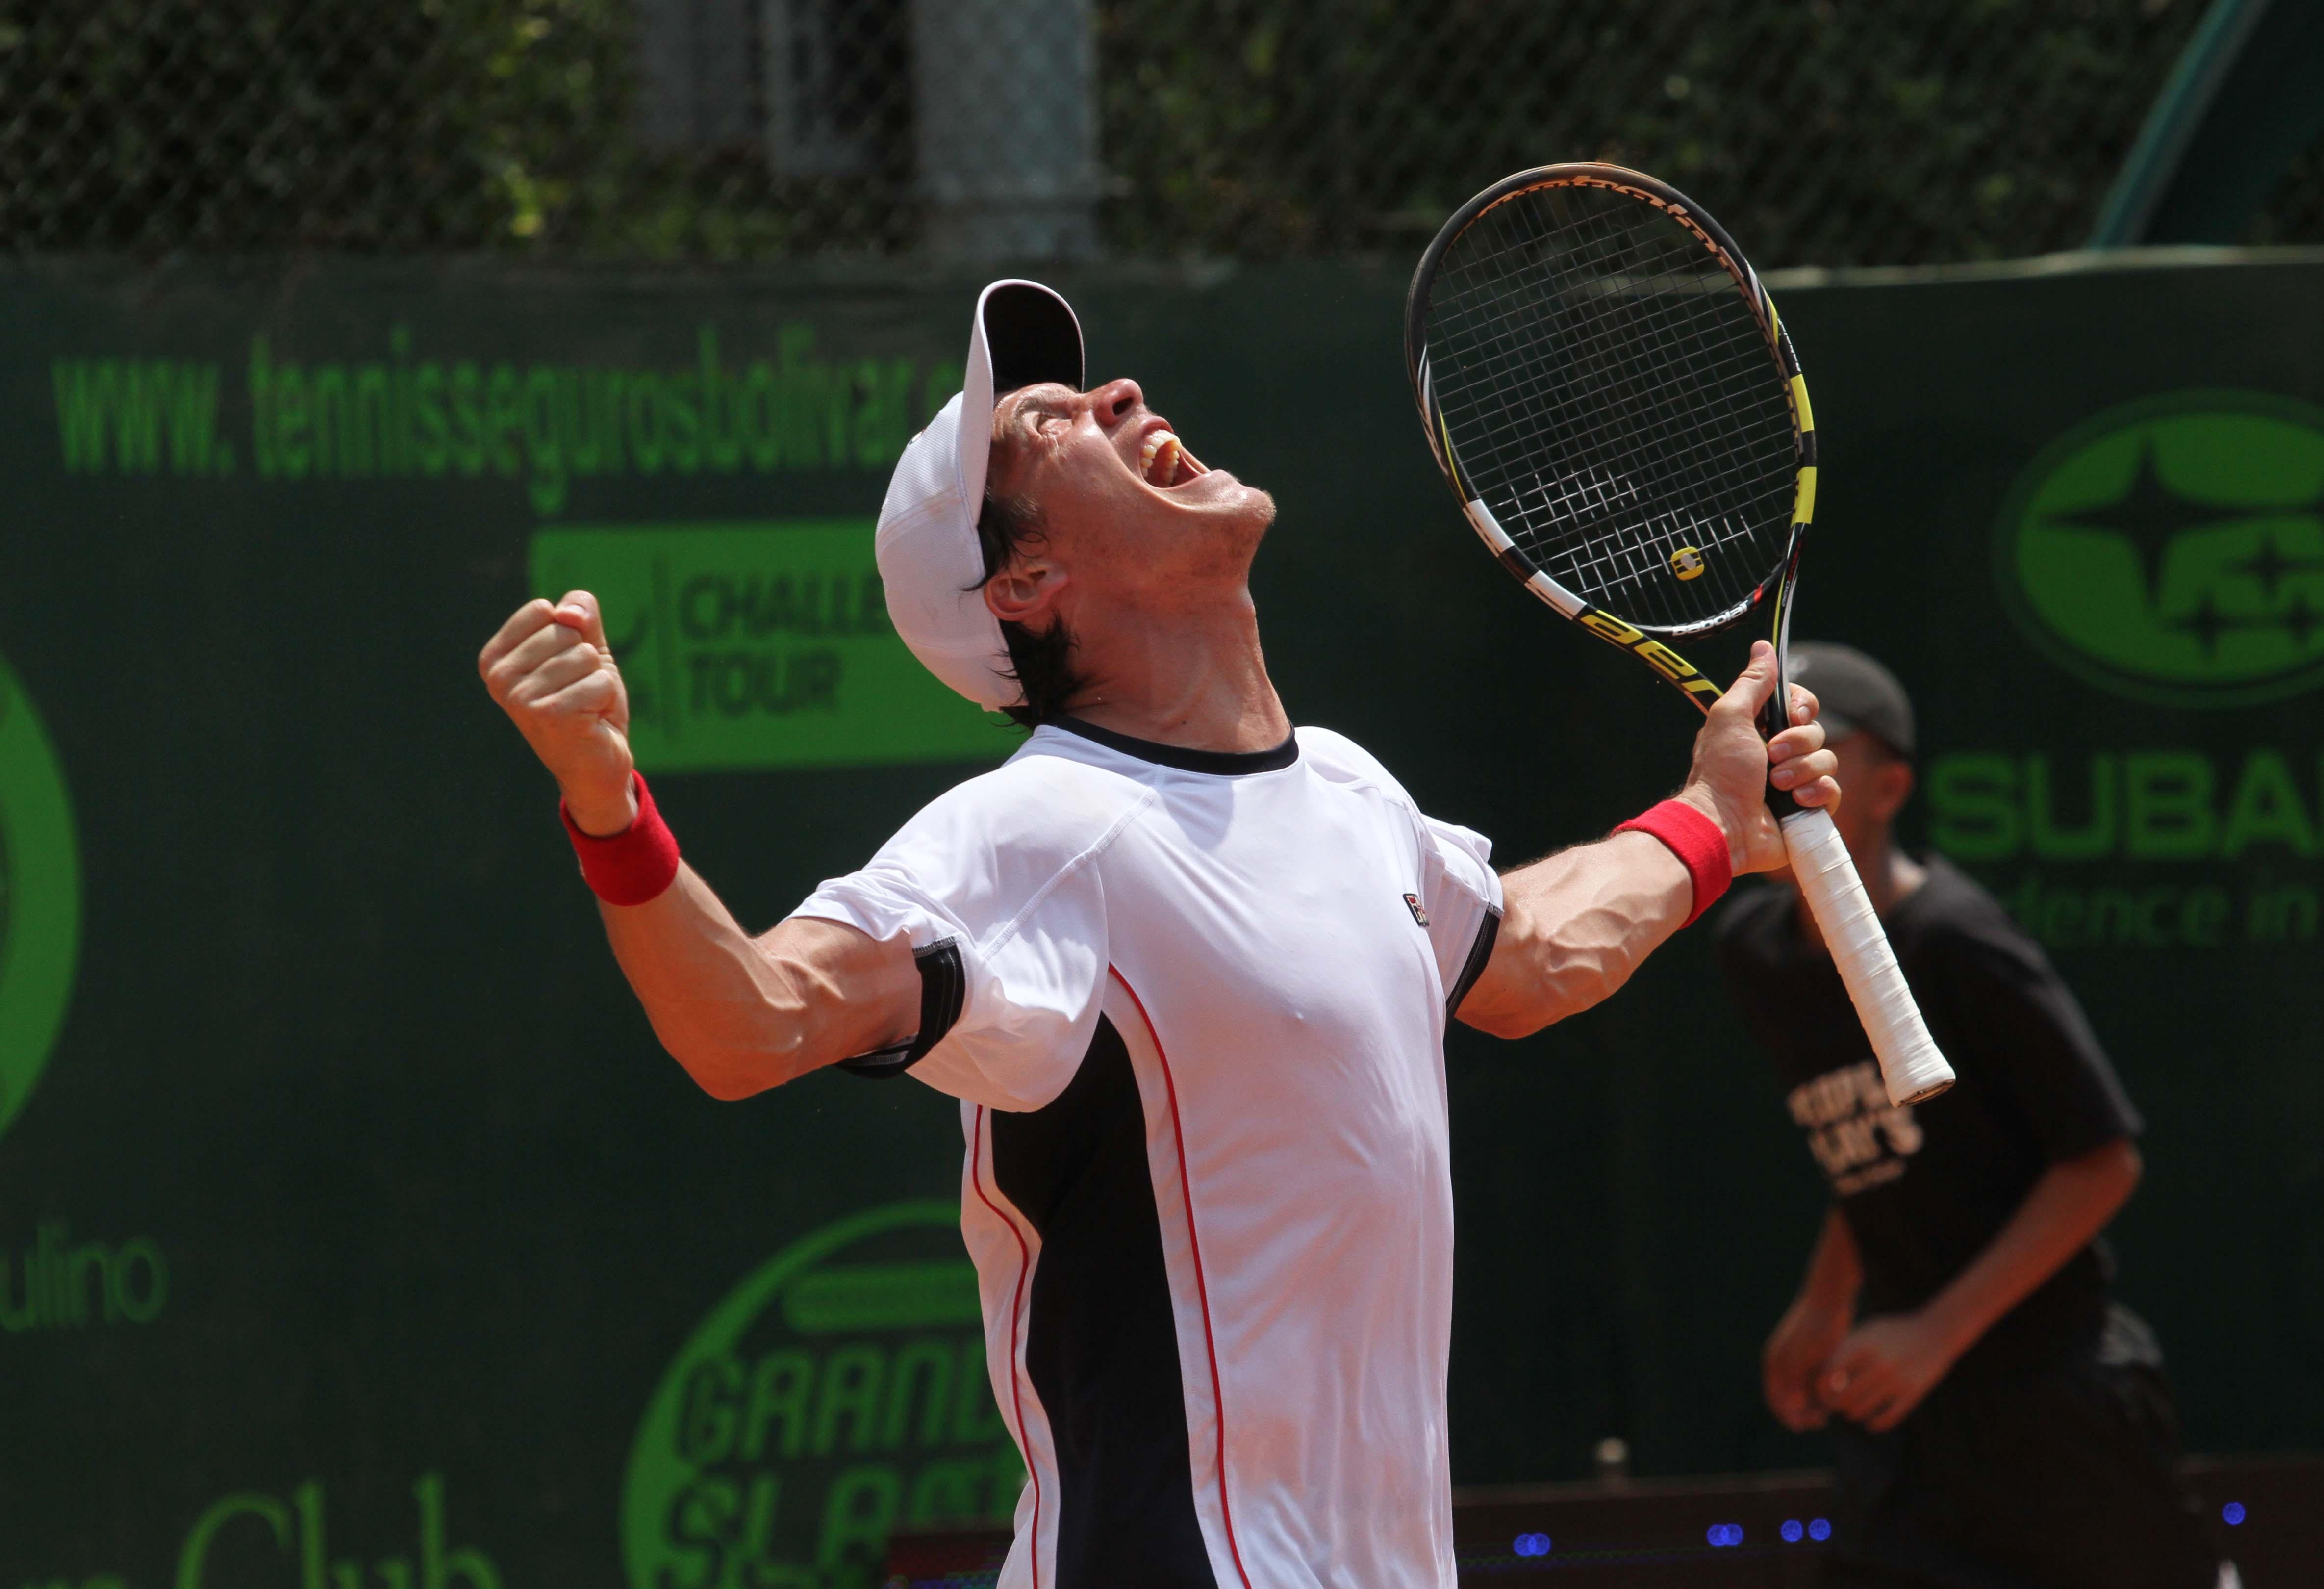 El argentino Facundo Bagnis, consiguió el título del Seguros Bolívar Open